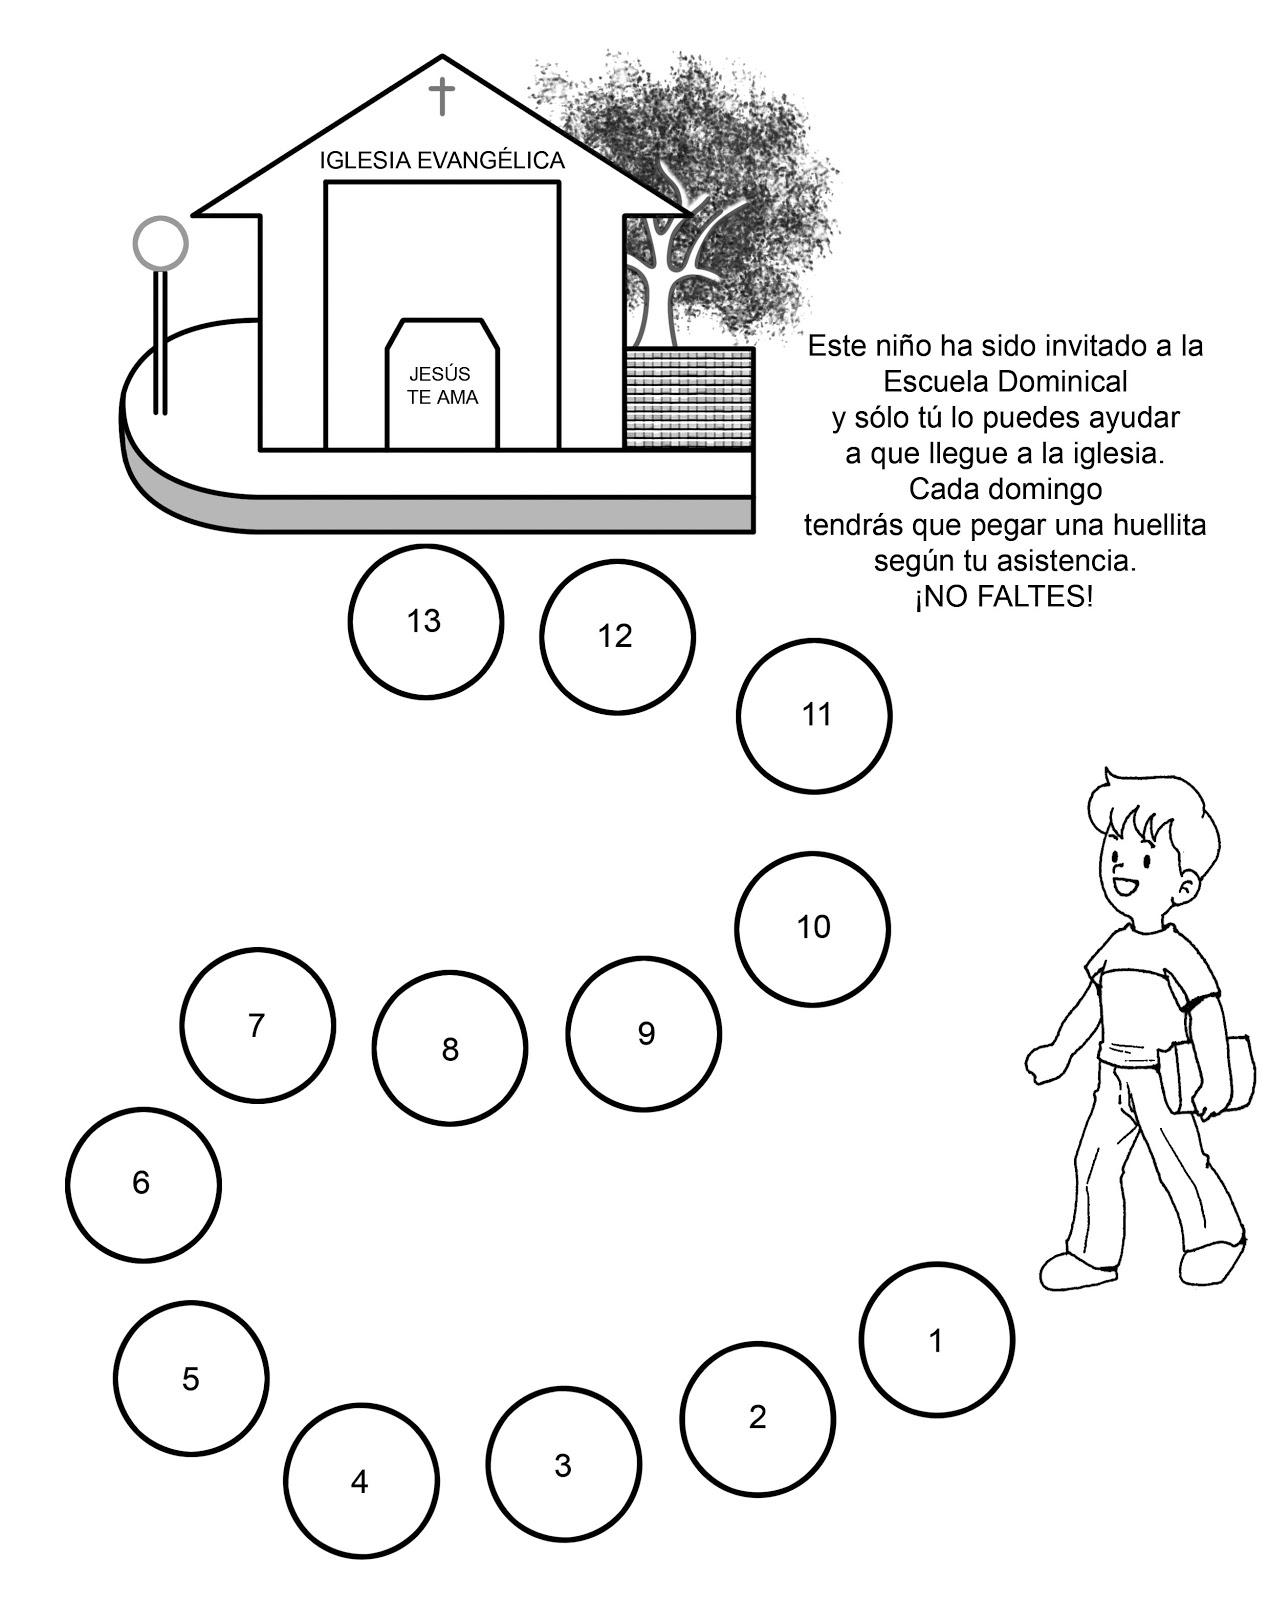 Manualidades para escuela dominical cristiana - Imagui